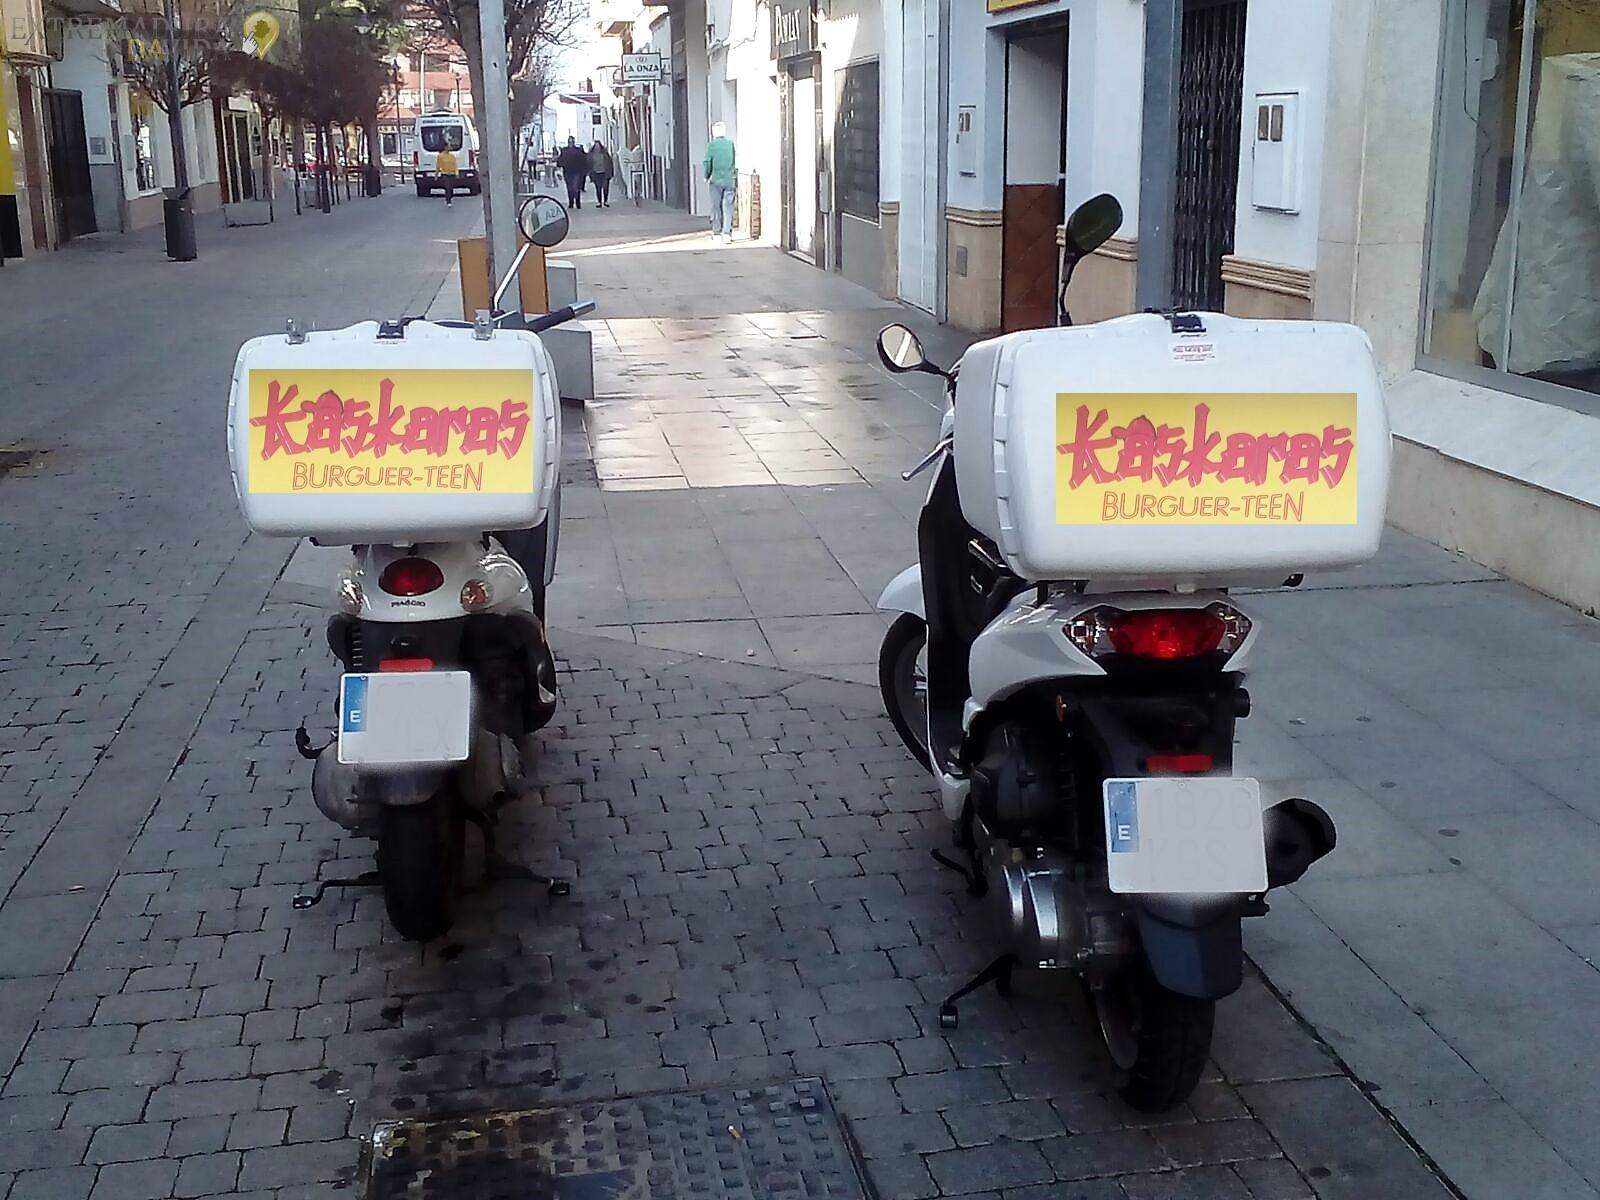 POLLOS ALMENDRALEJO HAMBURGUESAS KASKARAS